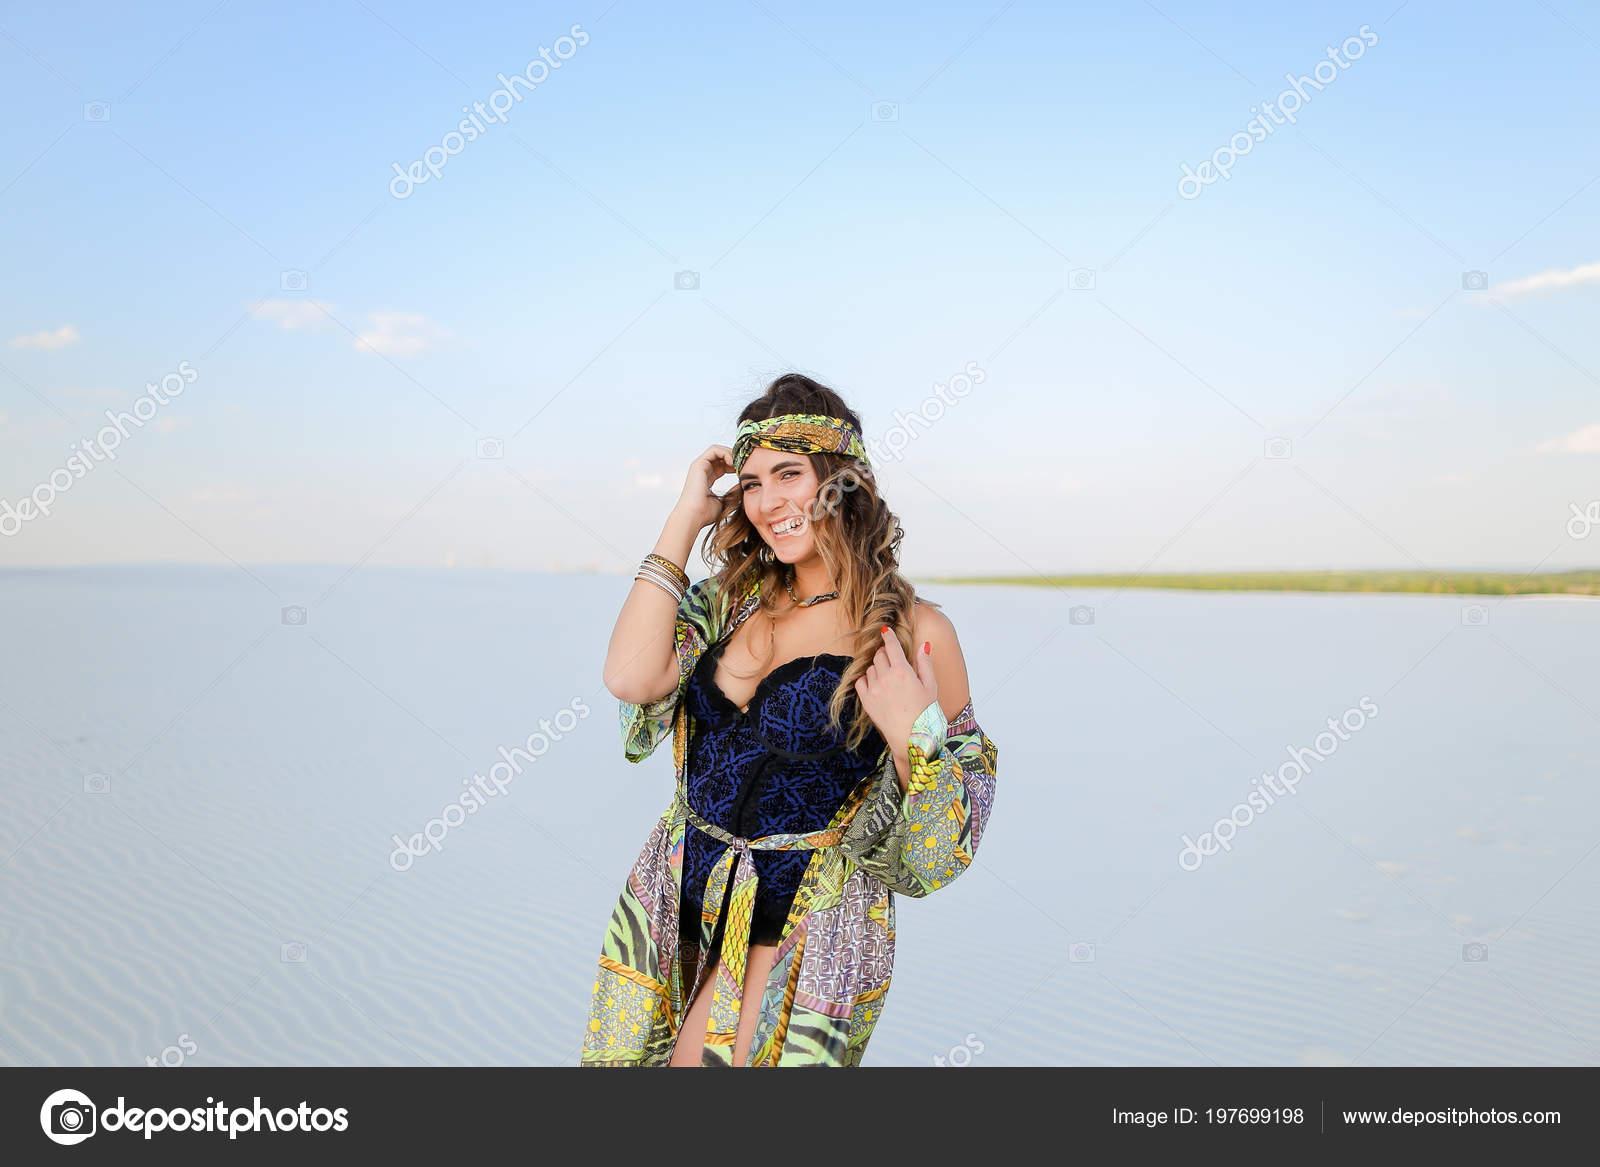 0df242e1797ea Девушка в костюме черный купальник и зеленый берег одеяние, стоя на песке.  Концепция фото сессии пустыни и одежда коллекции летом. — Фото автора  sisterspro